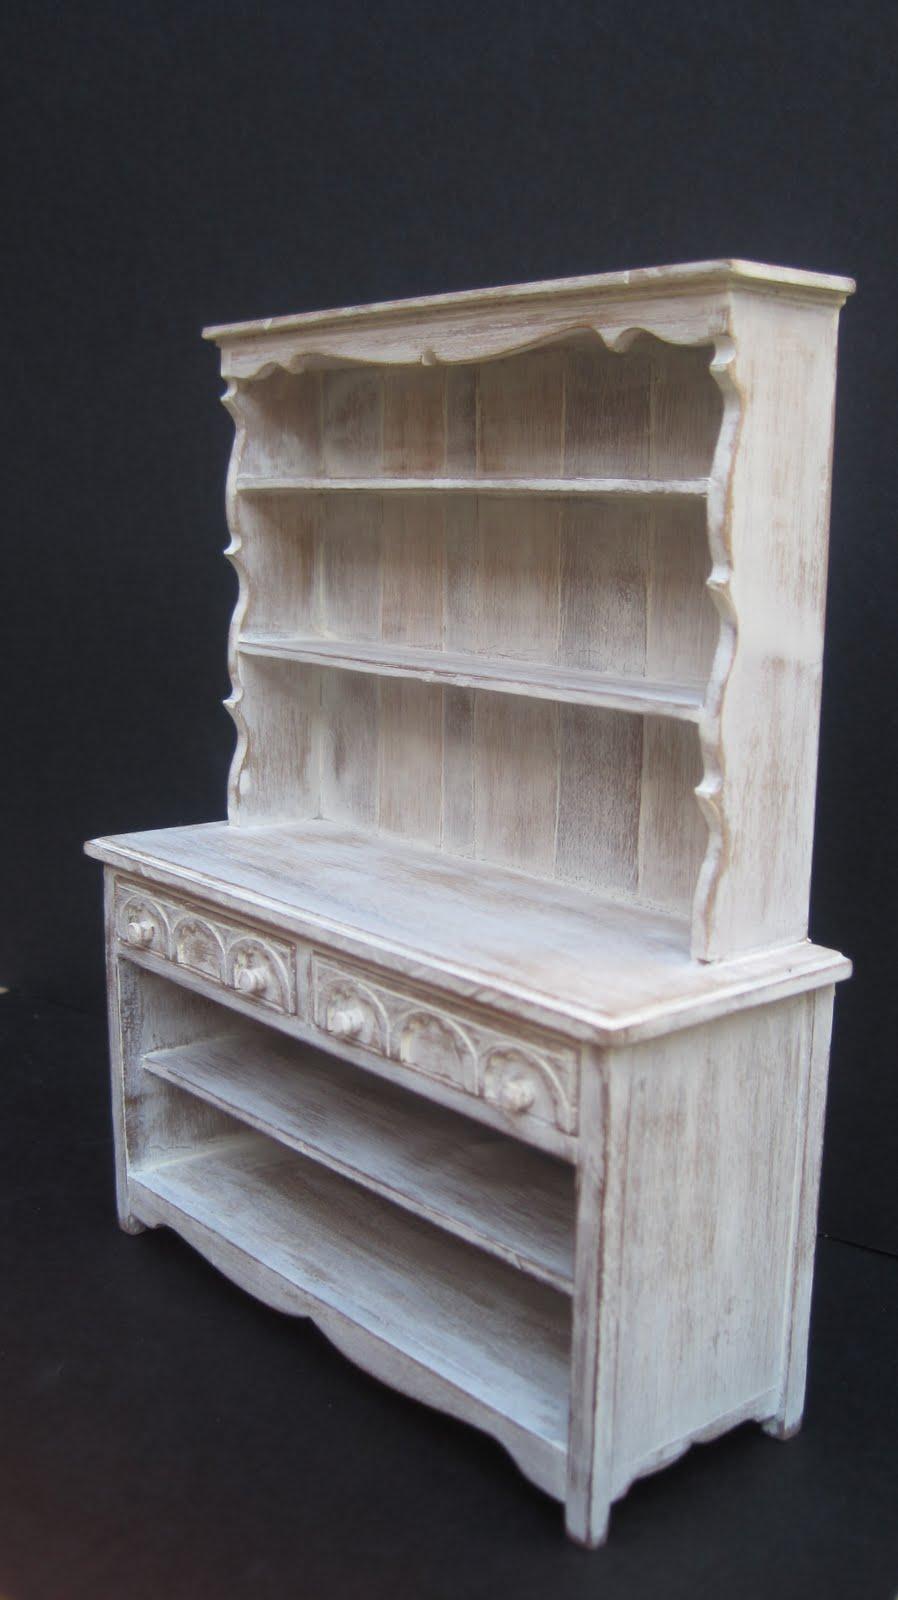 Muebles en miniatura miniature furniture mueble de cocina for Muebles rusticos blancos